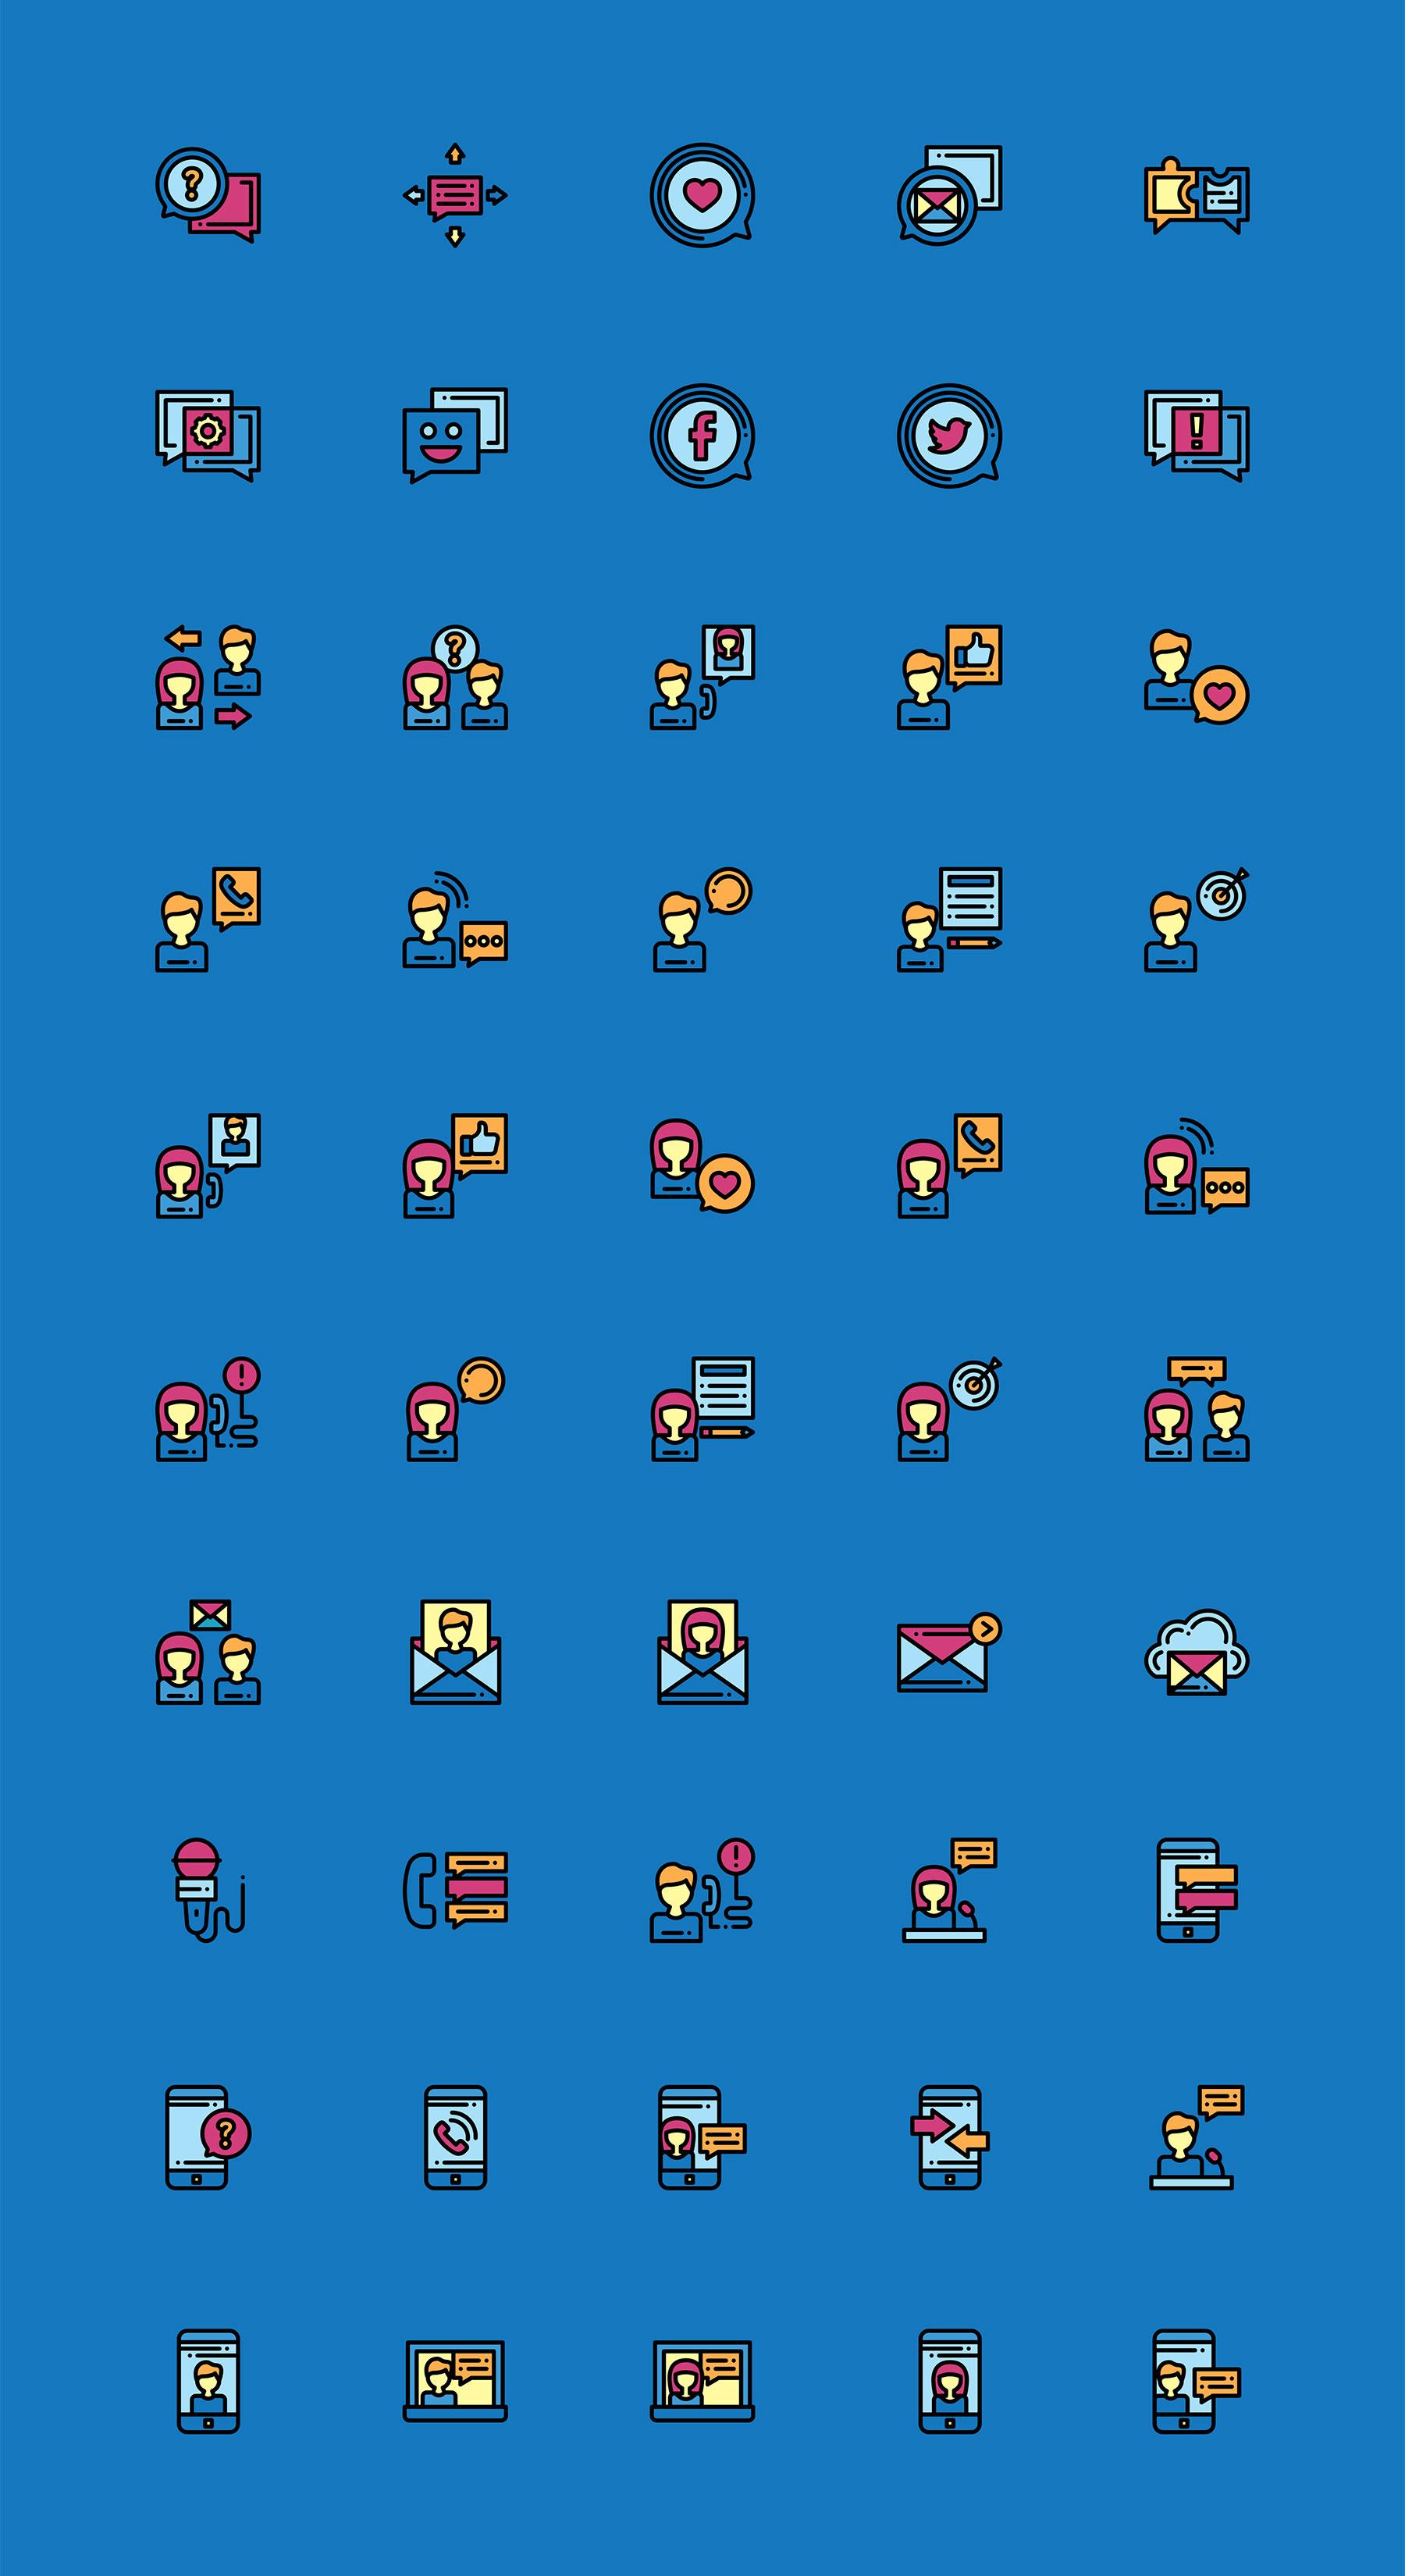 50+社交媒体讨论元素图标 sketch素材下载 图标-第1张